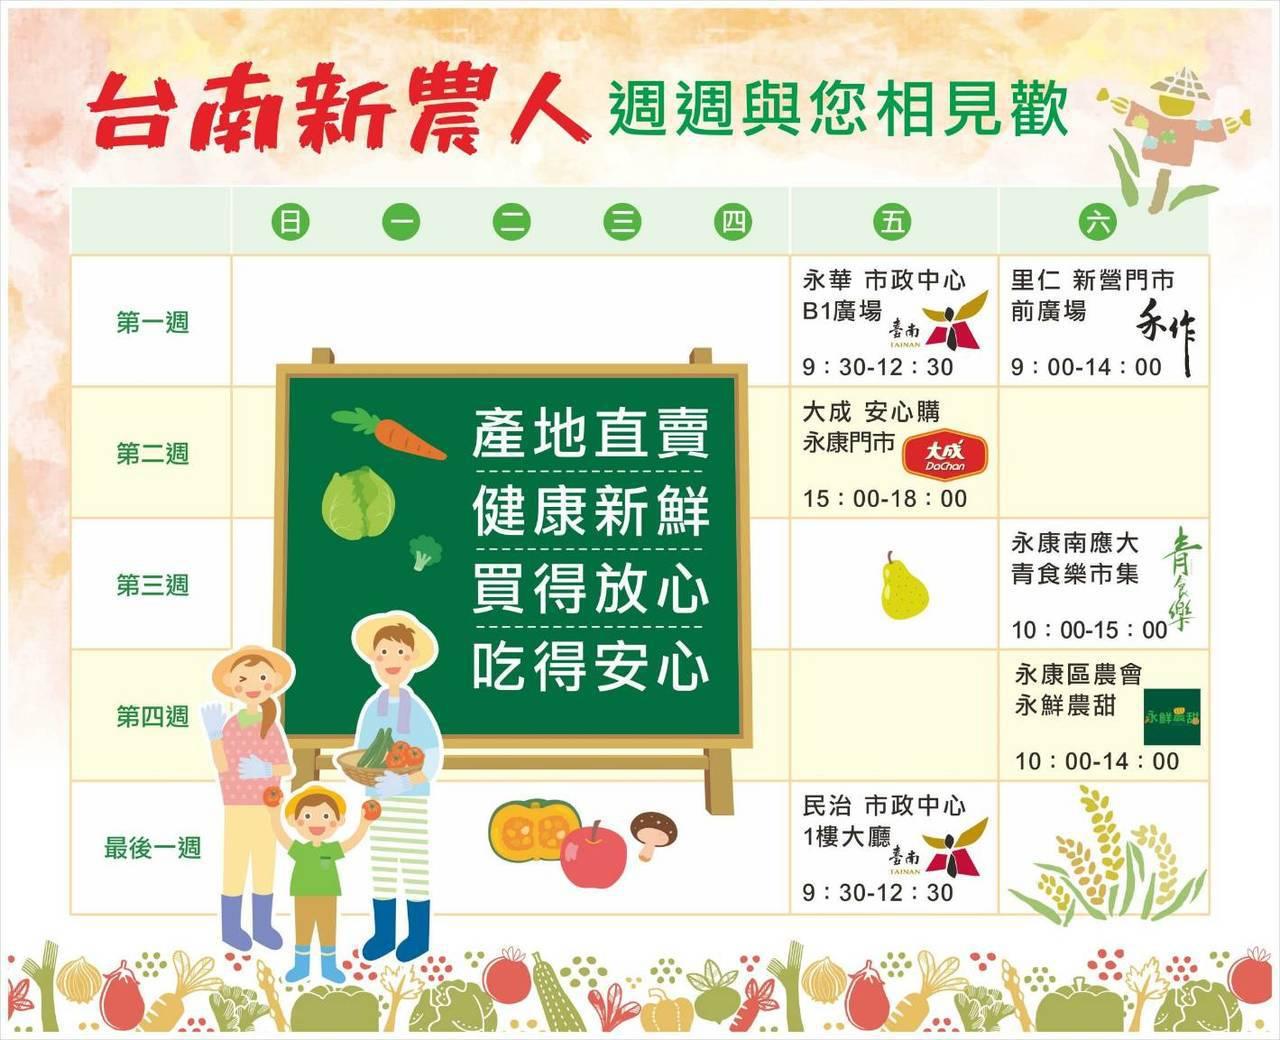 台南新農人破千人 新增銷售點周周可直購